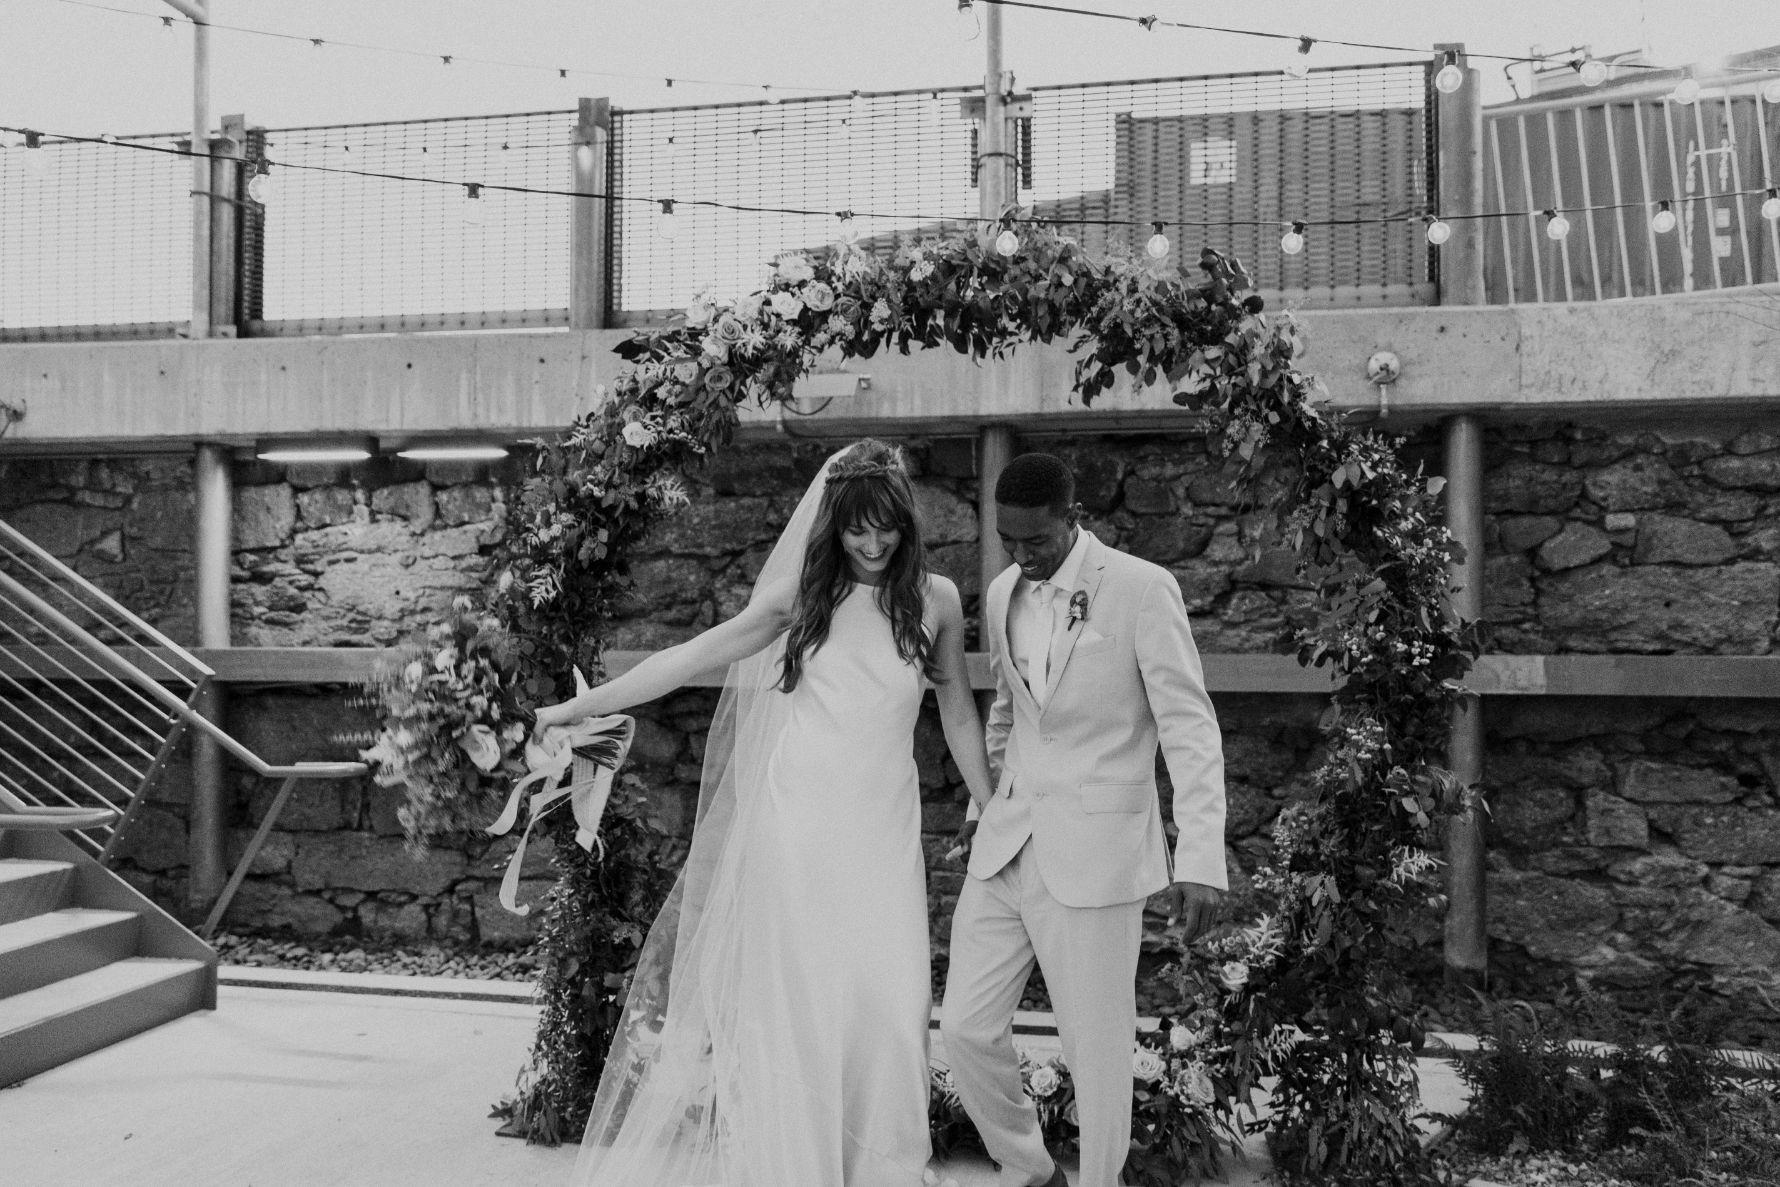 artists-for-humanity-industrial-bohemian-wedding-daylynn-designs191.jpg